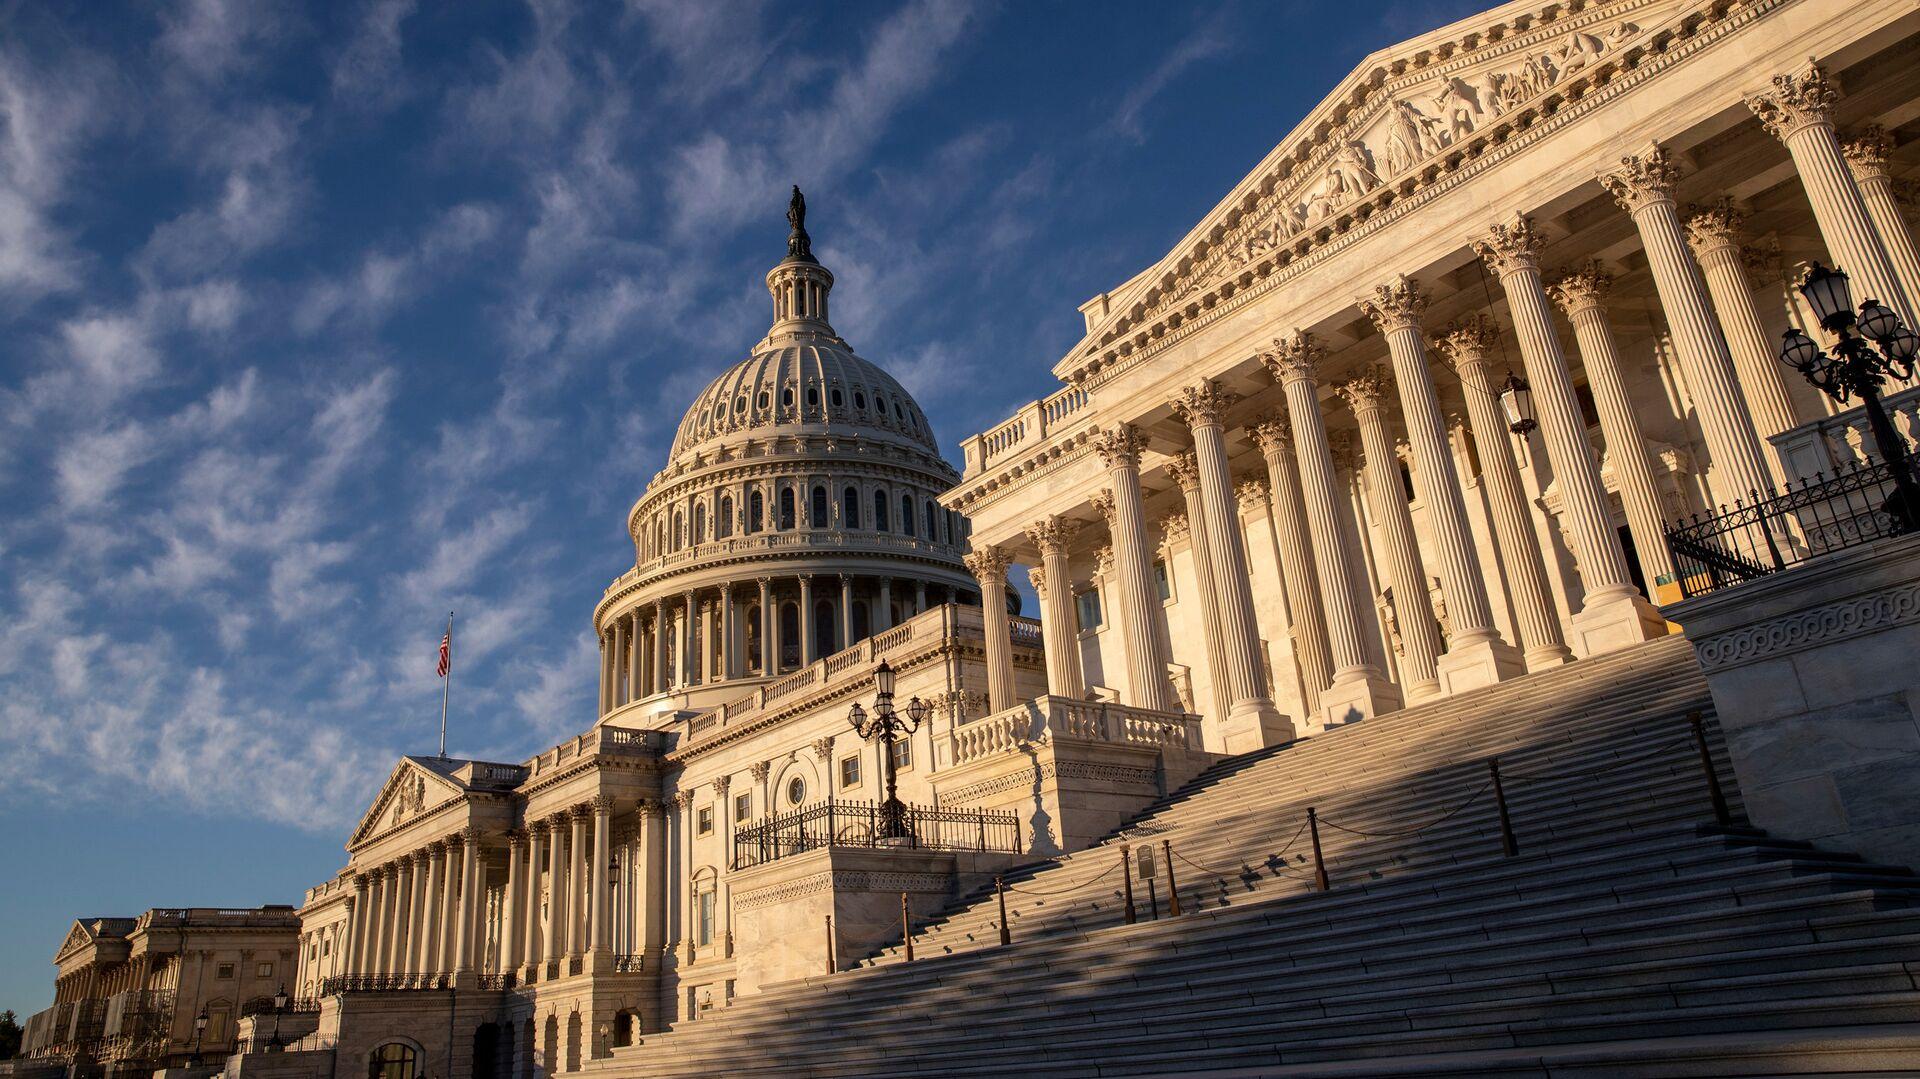 Здание Конгресса США в Вашингтоне - РИА Новости, 1920, 09.10.2020